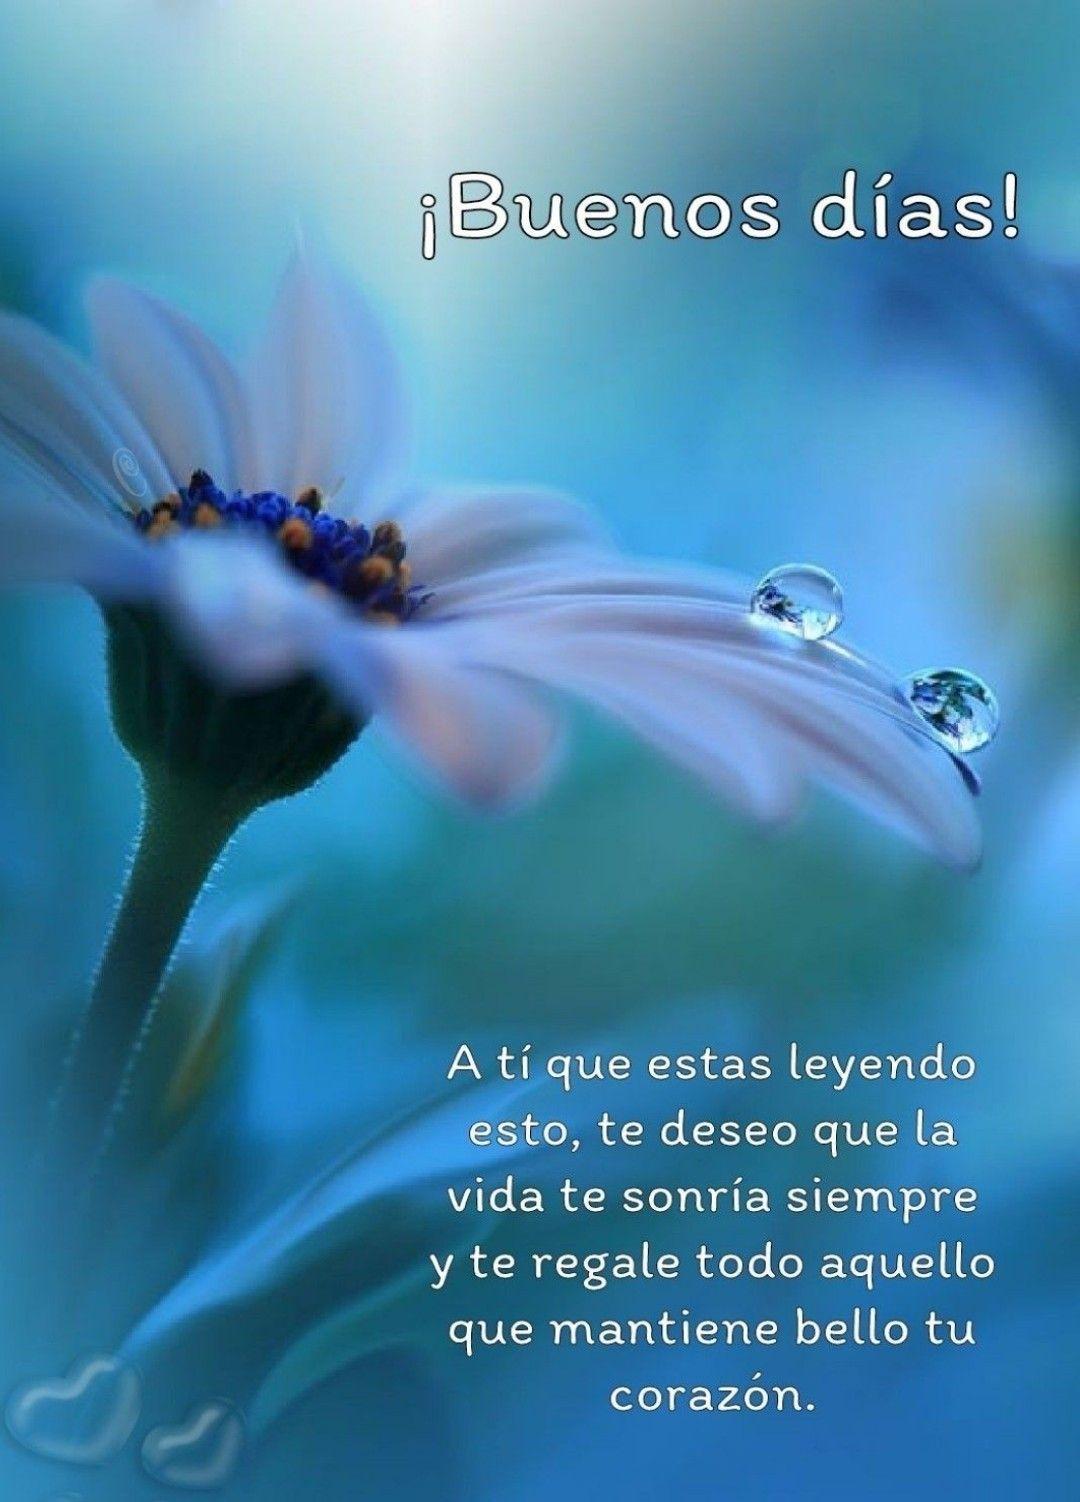 Pin By Ximena Chouza On Oraciones Saludos De Buenos Dias Tarjetas